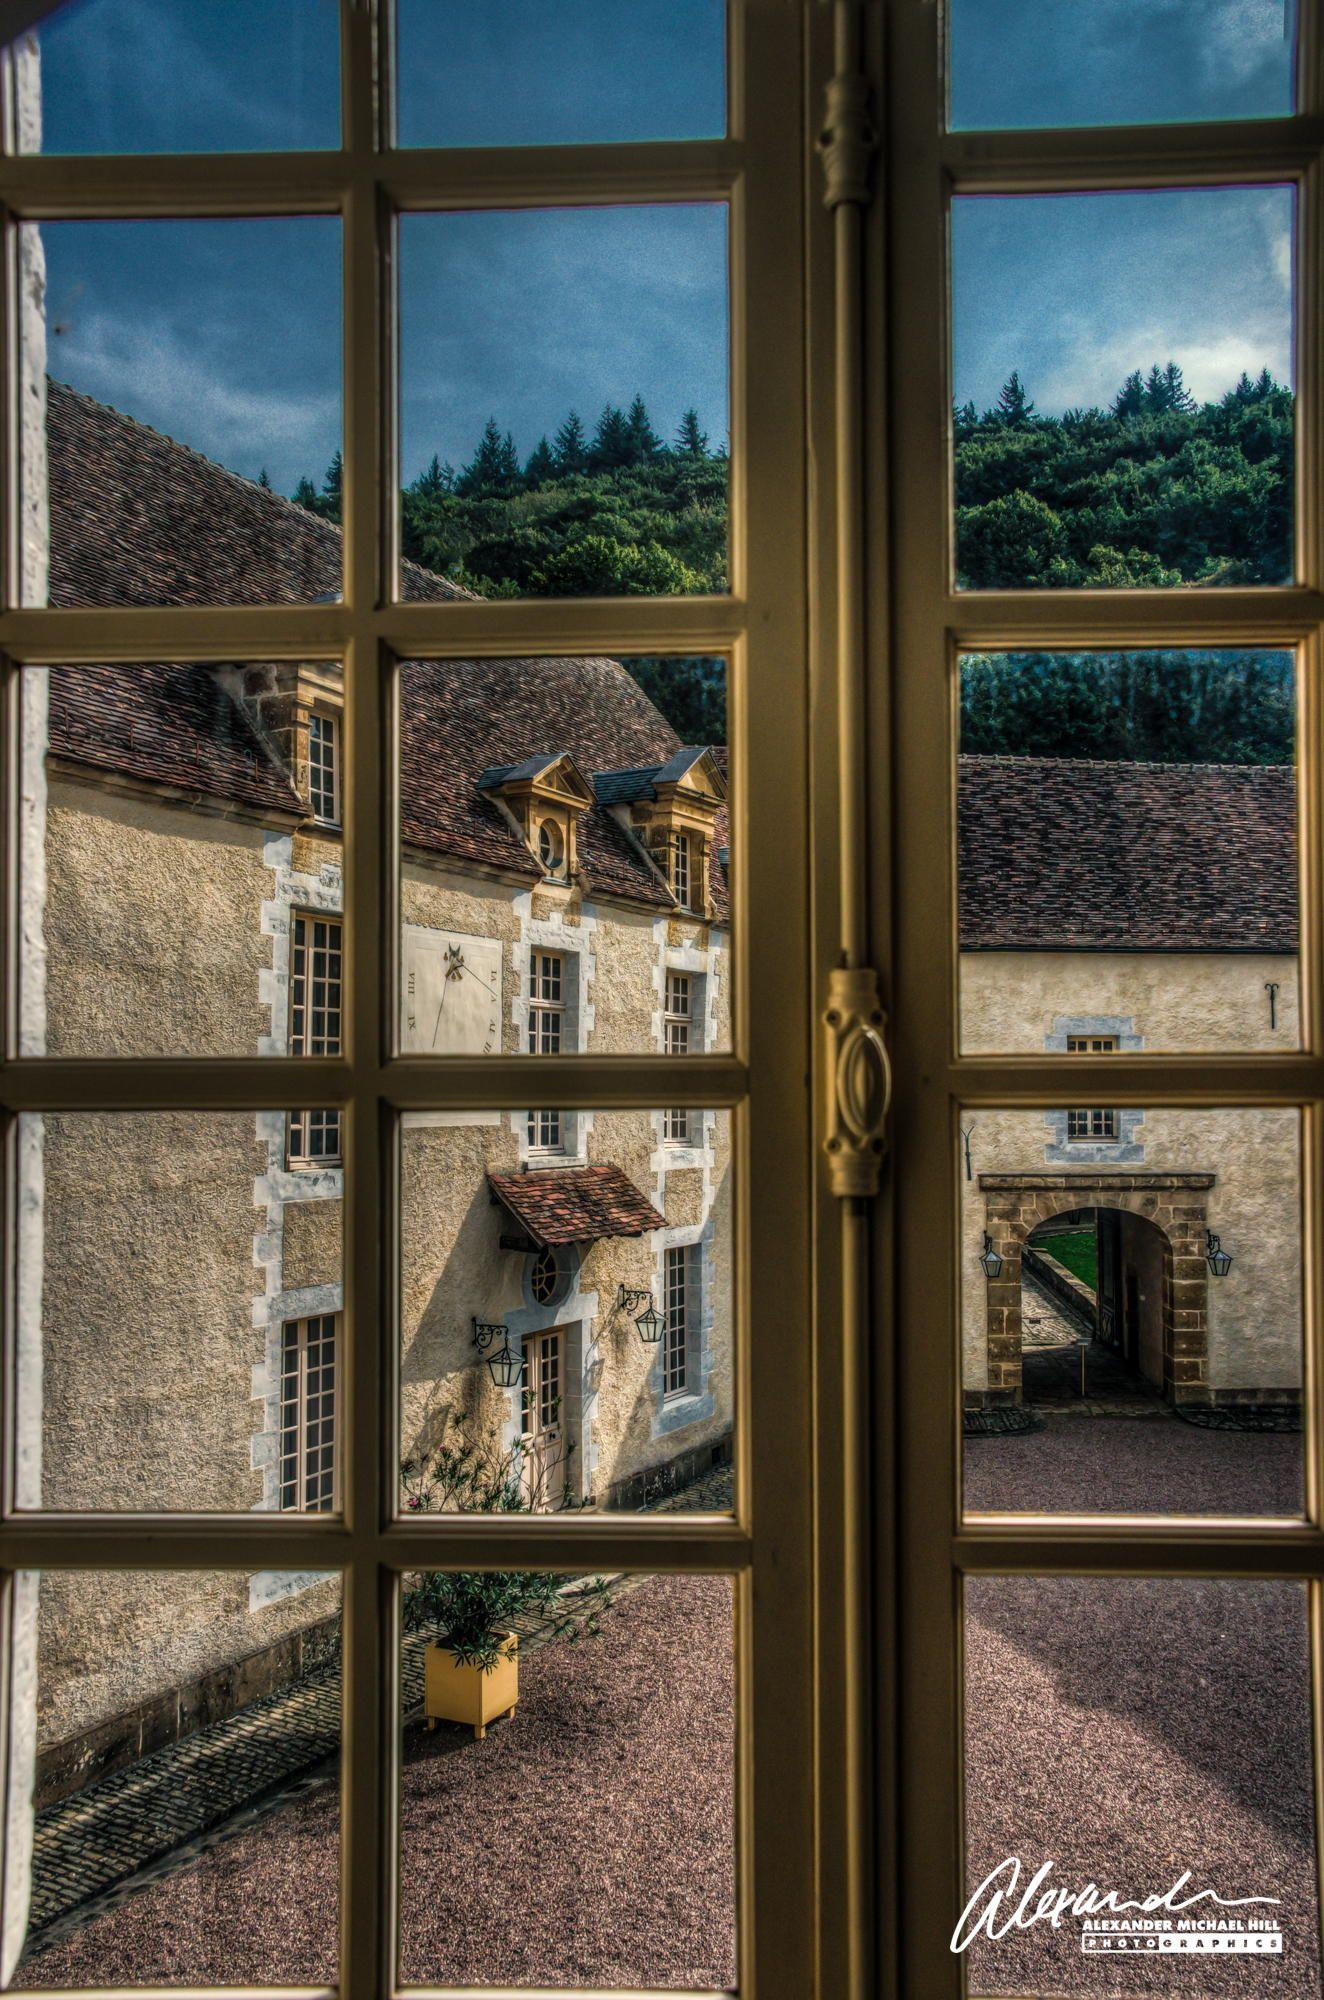 Burgundy Region, France by Alex Hill on 500px